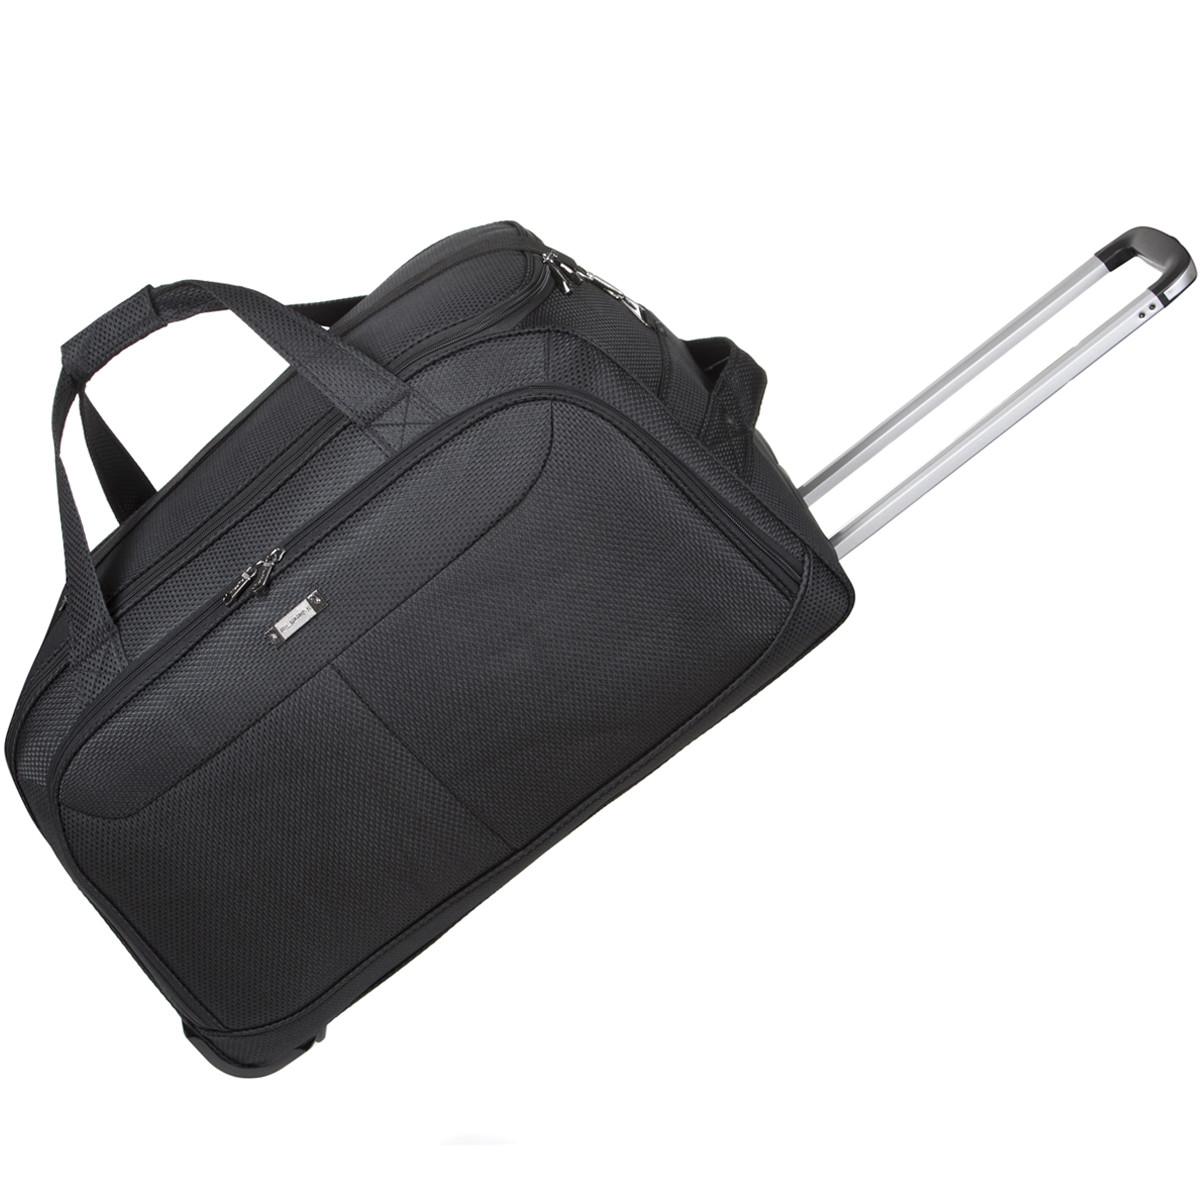 Дорожная сумка FILIPPINI большая три колеса 67х38х43 выдвижная ручка чёрный цвет ксТ0045чб